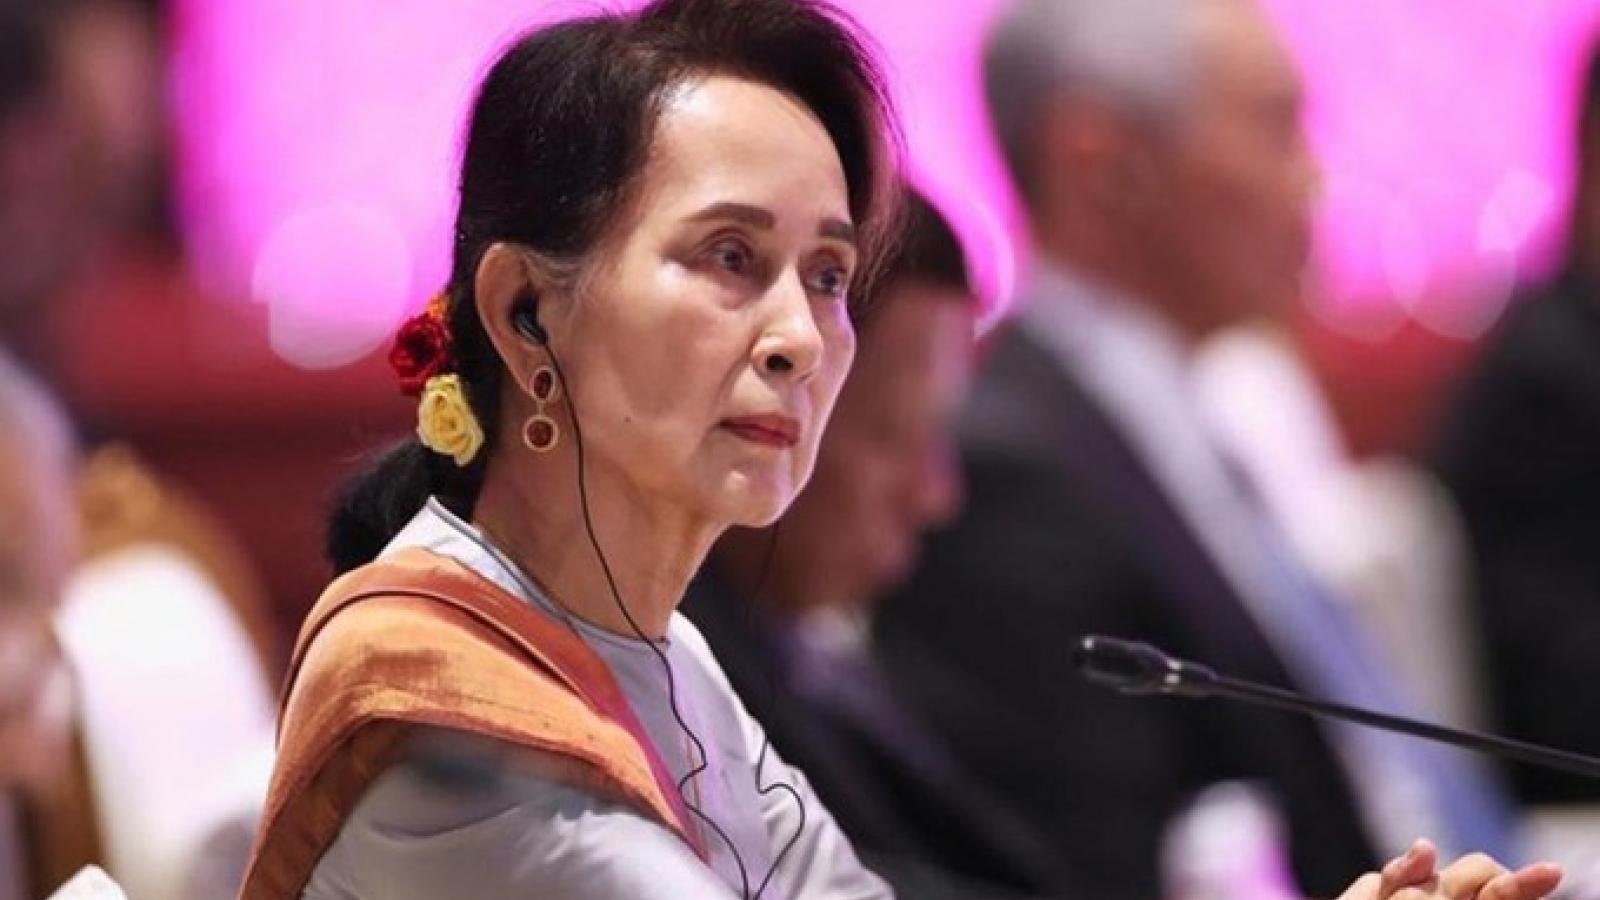 Bà San Suu Kyi bị cáo buộc vi phạm Đạo luật bí mật chính thức của Myanmar